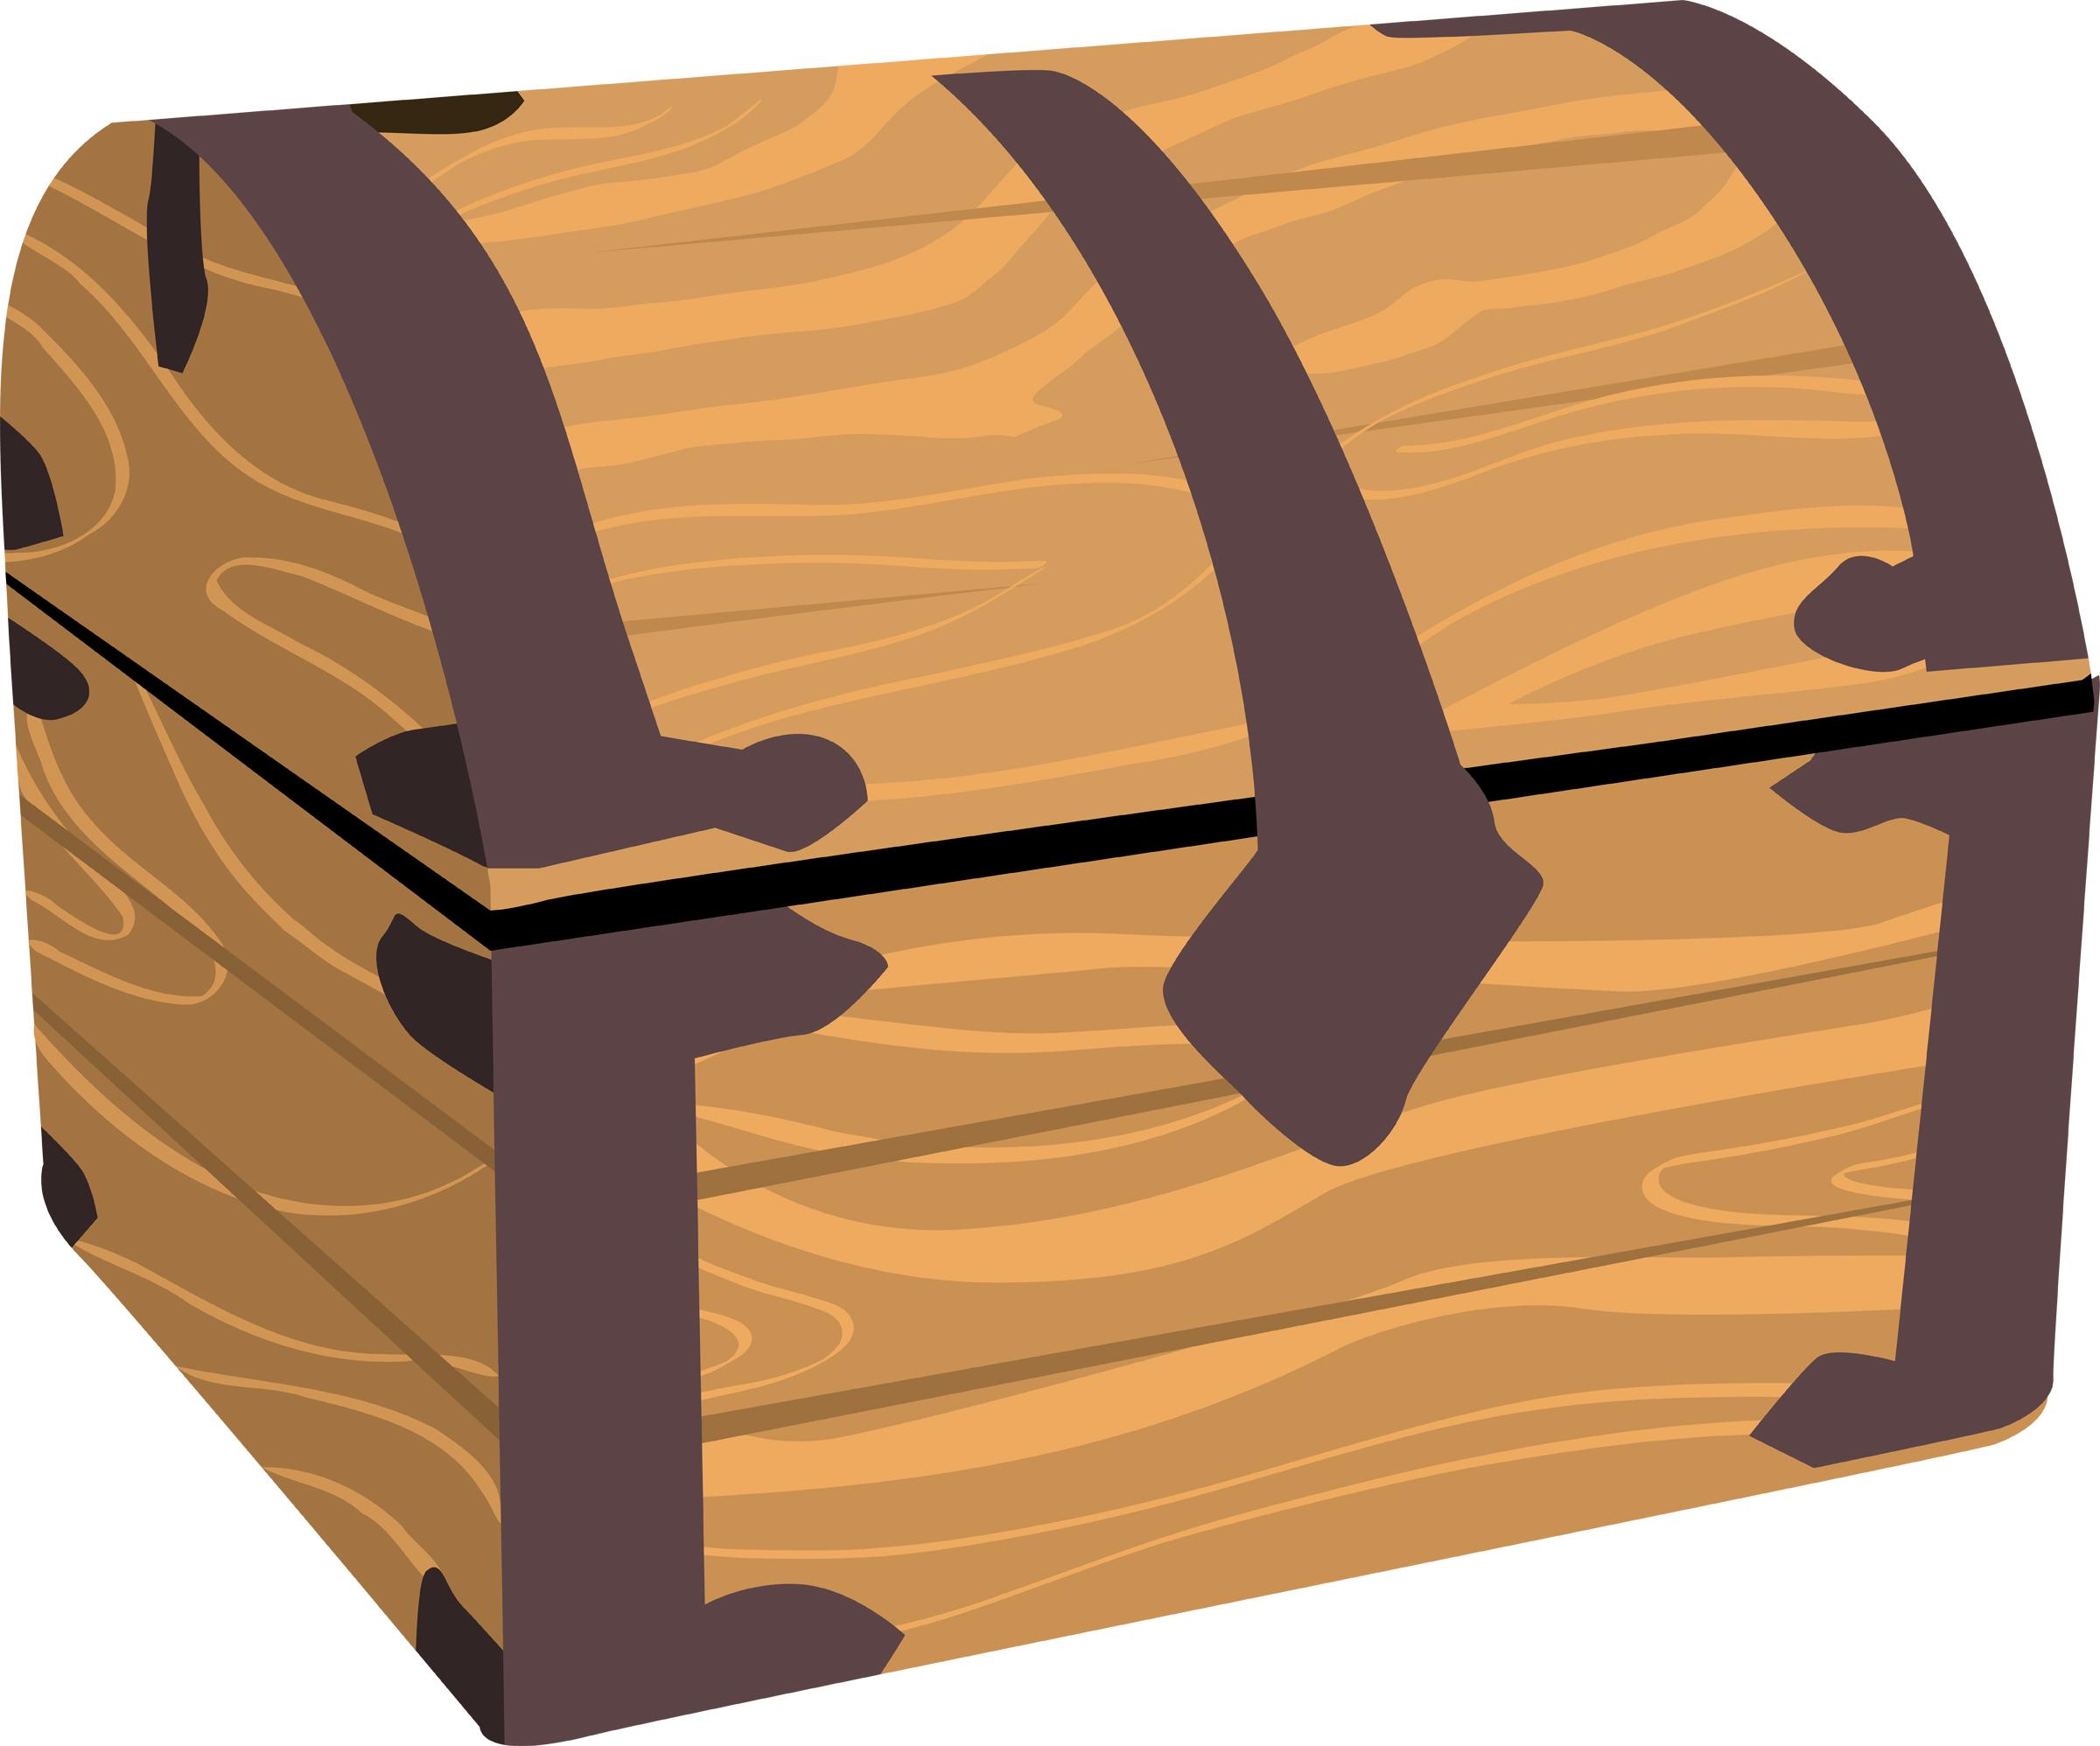 Treasure chest clipart clipartdeck clip arts for free